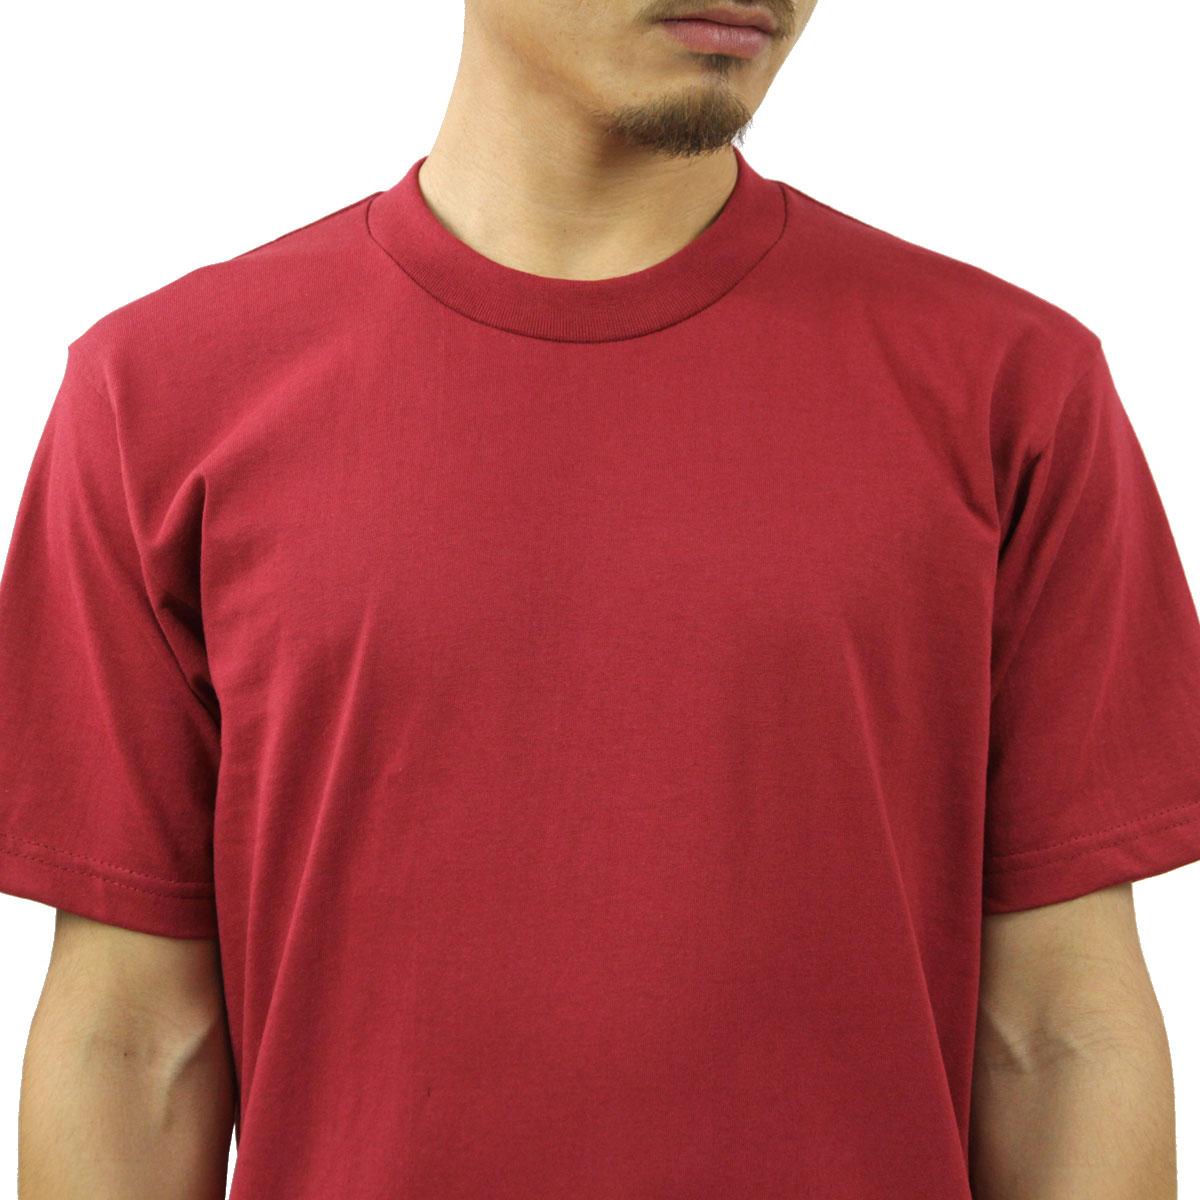 プロクラブ Tシャツ メンズ 正規販売店 PROCLUB 半袖Tシャツ クルーネックTシャツ HEAVY WEIGHT COTTON SHORT SLEEVE CREW NECK T-SHIRT BURGUNDY #101 AB6B B1C C1D D1E E11F